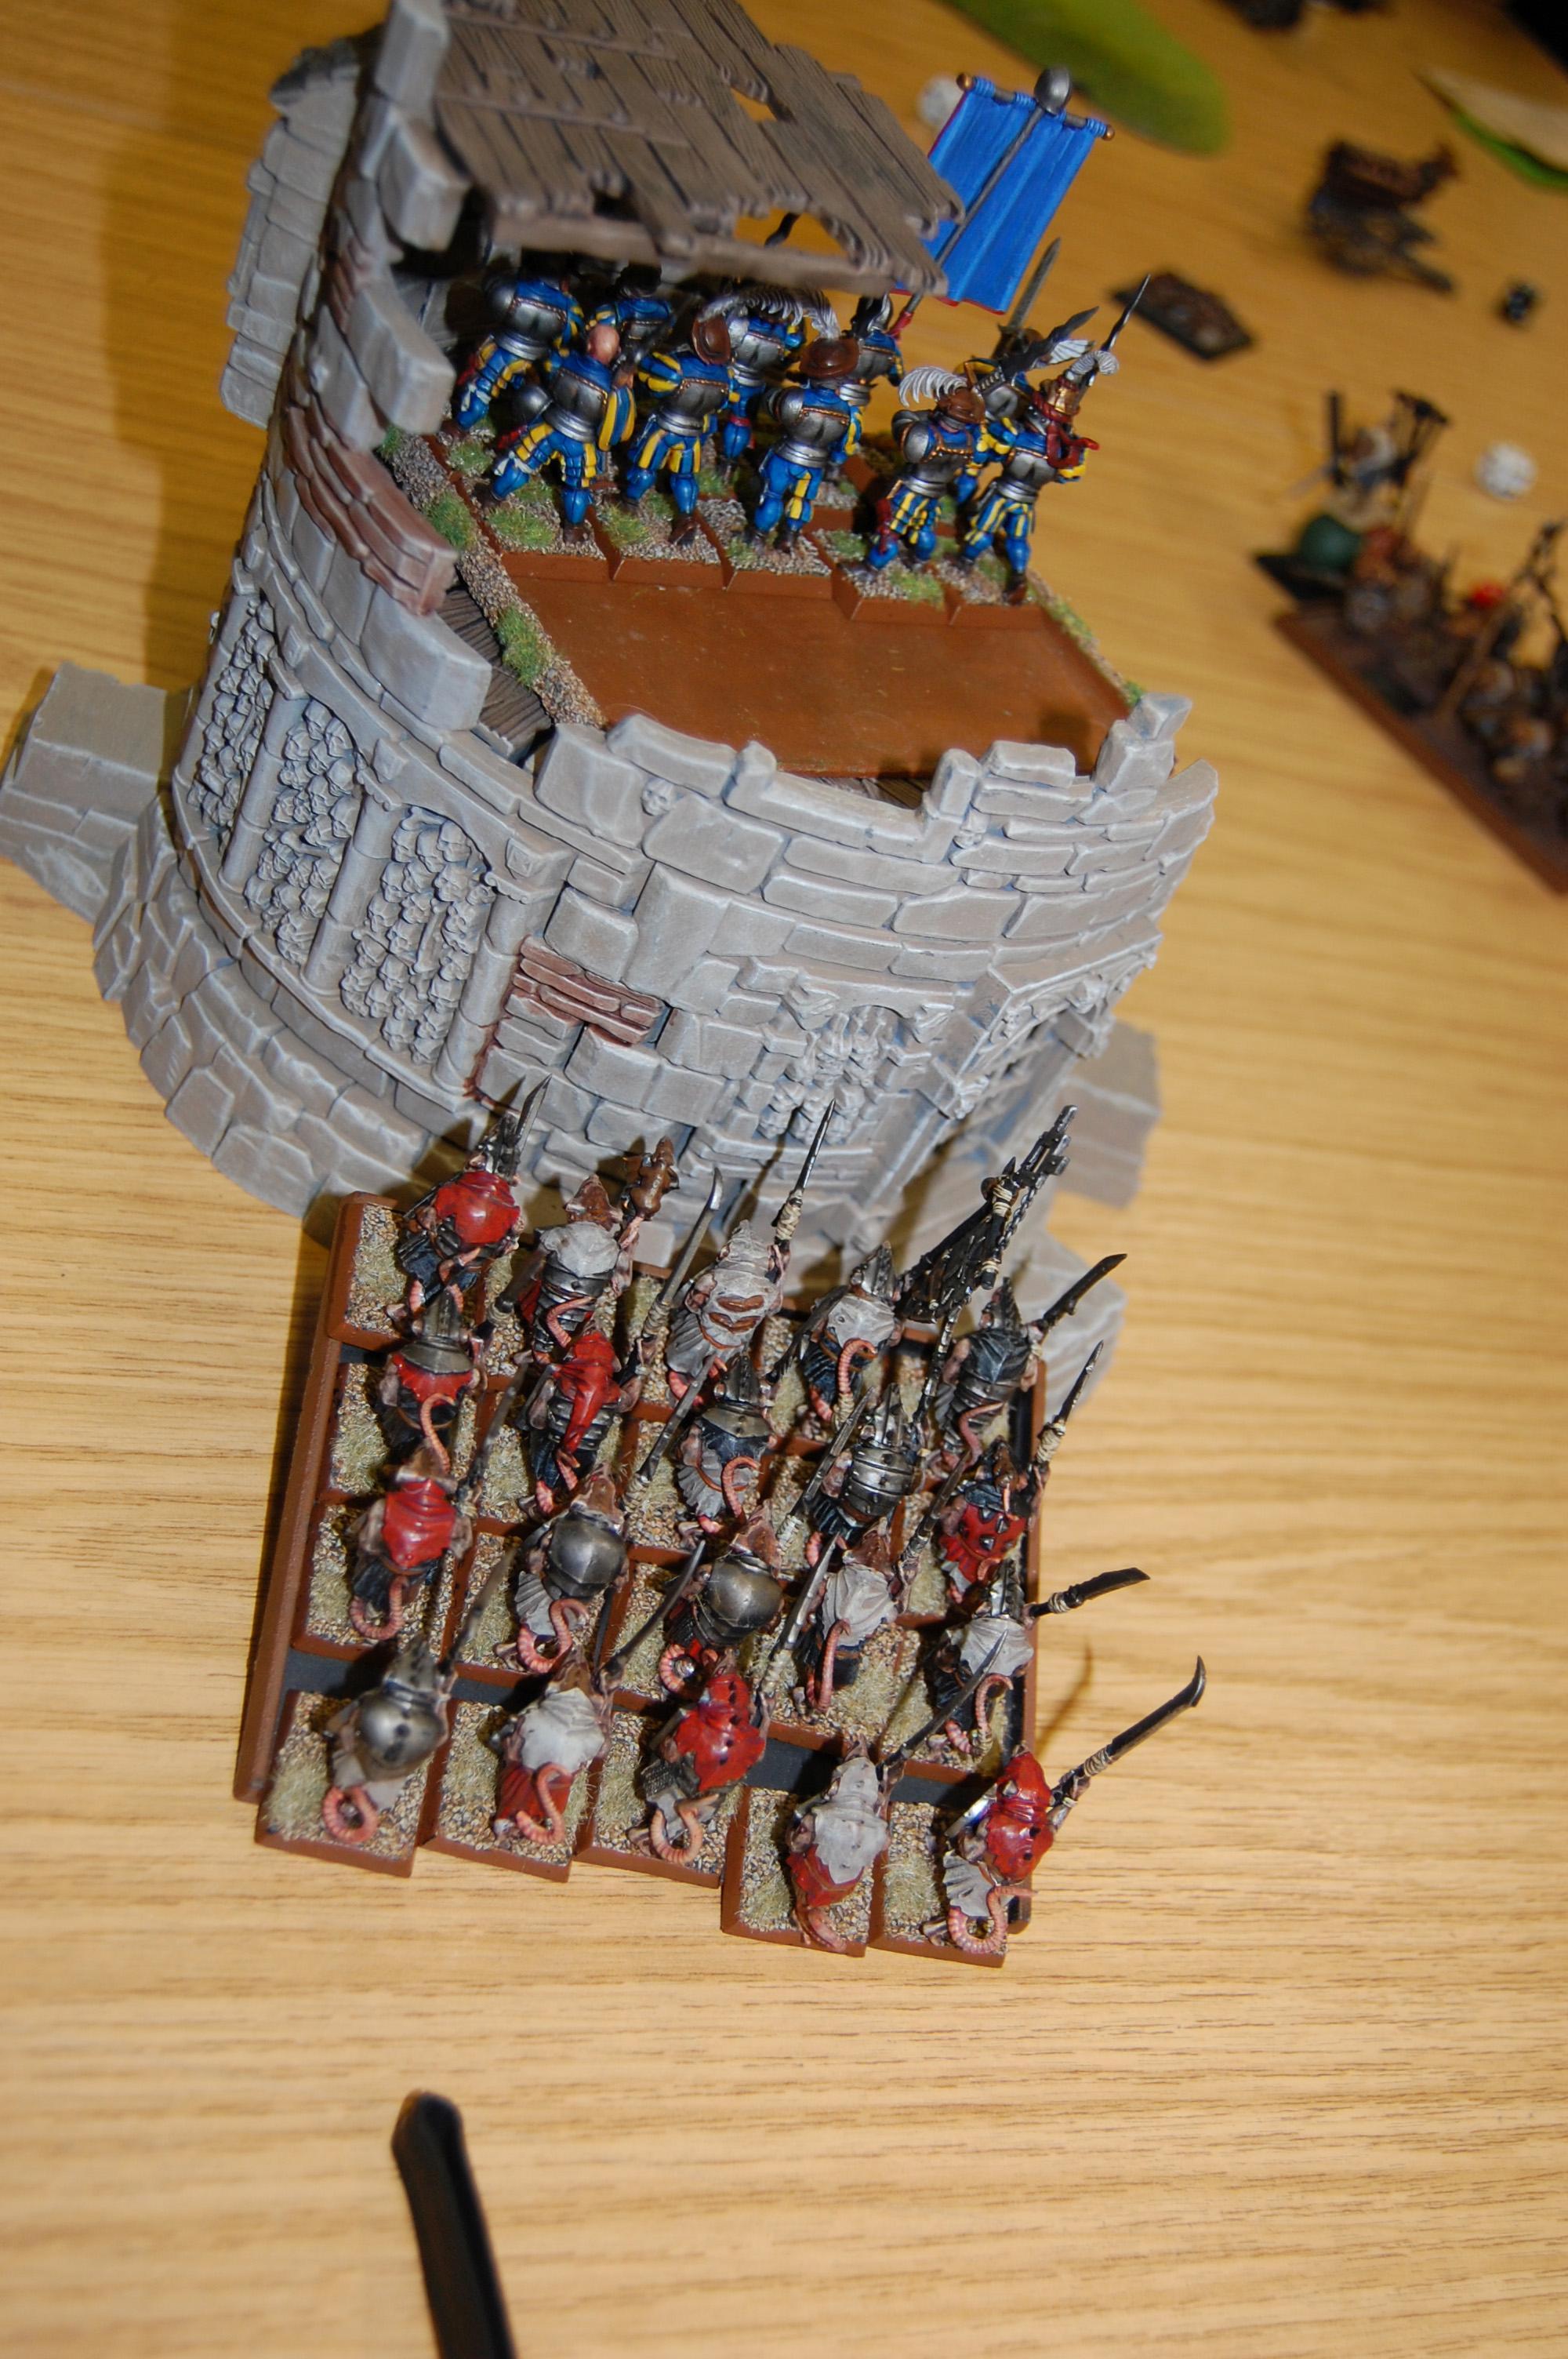 Battle, Empire, Khorne, Skaven, Victory!, Warhammer Fantasy, Woc